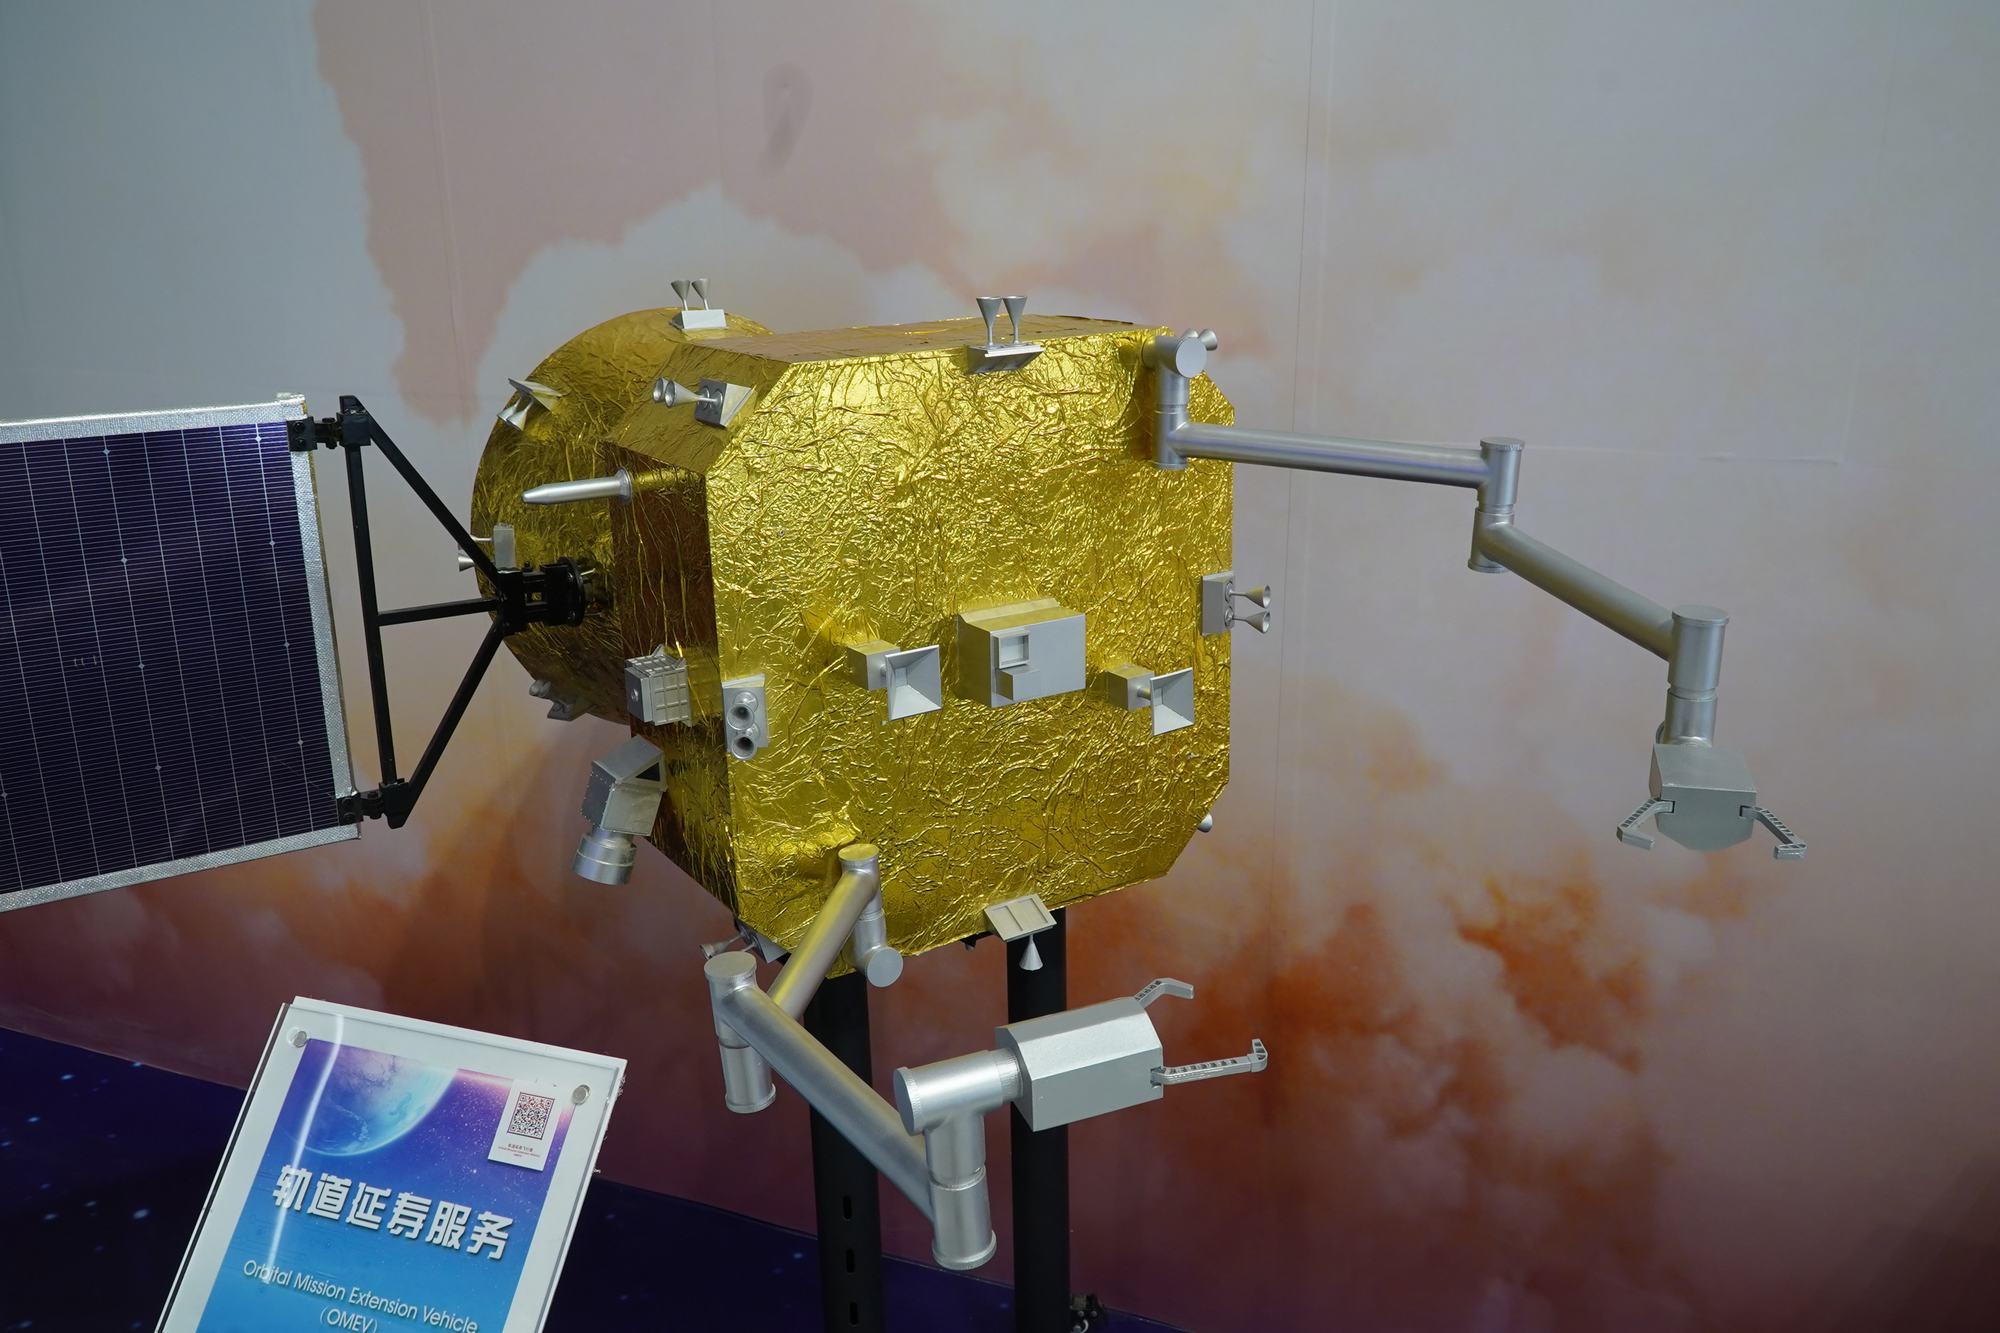 """太空延寿服务来了:它能让报废卫星""""起死回生"""""""